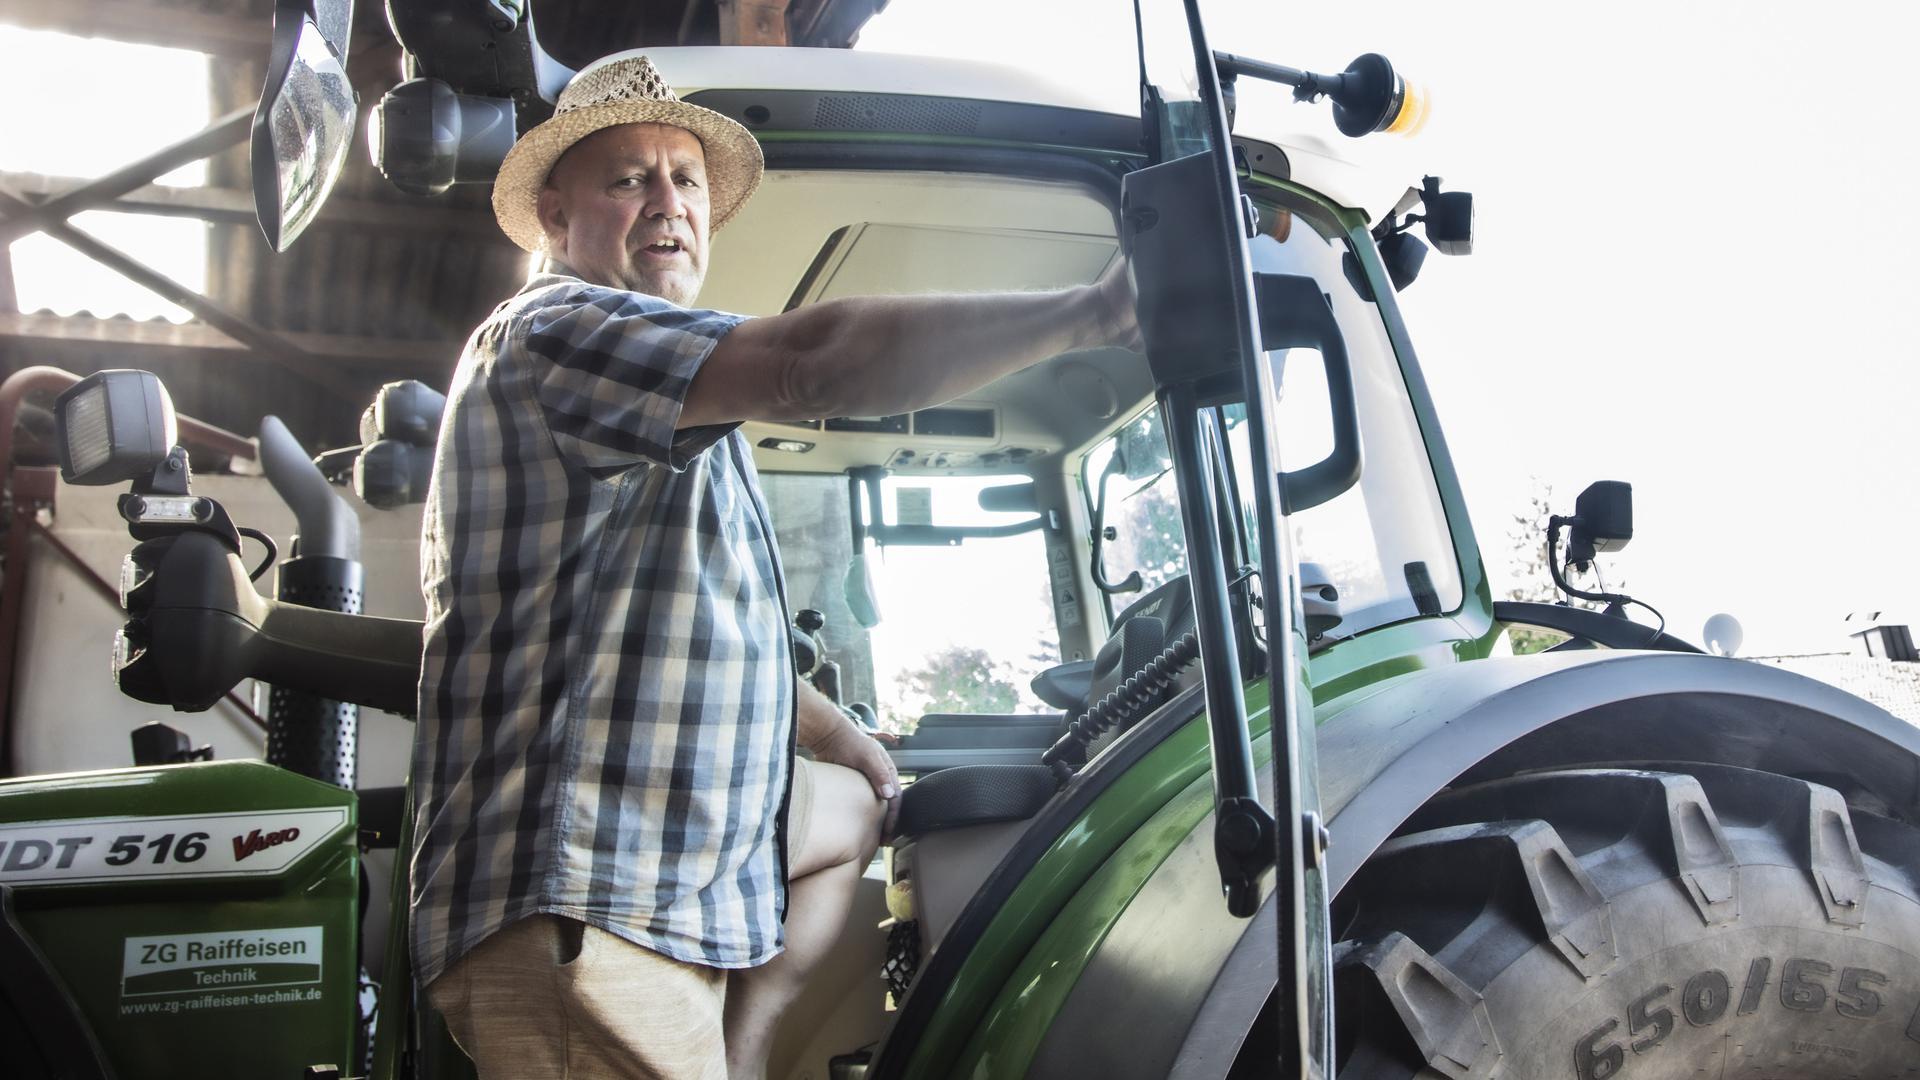 Mit seinem grünen Traktor demonstrierte Alexander Kunz im Februar 2020 vor dem Lager eines Discounters.